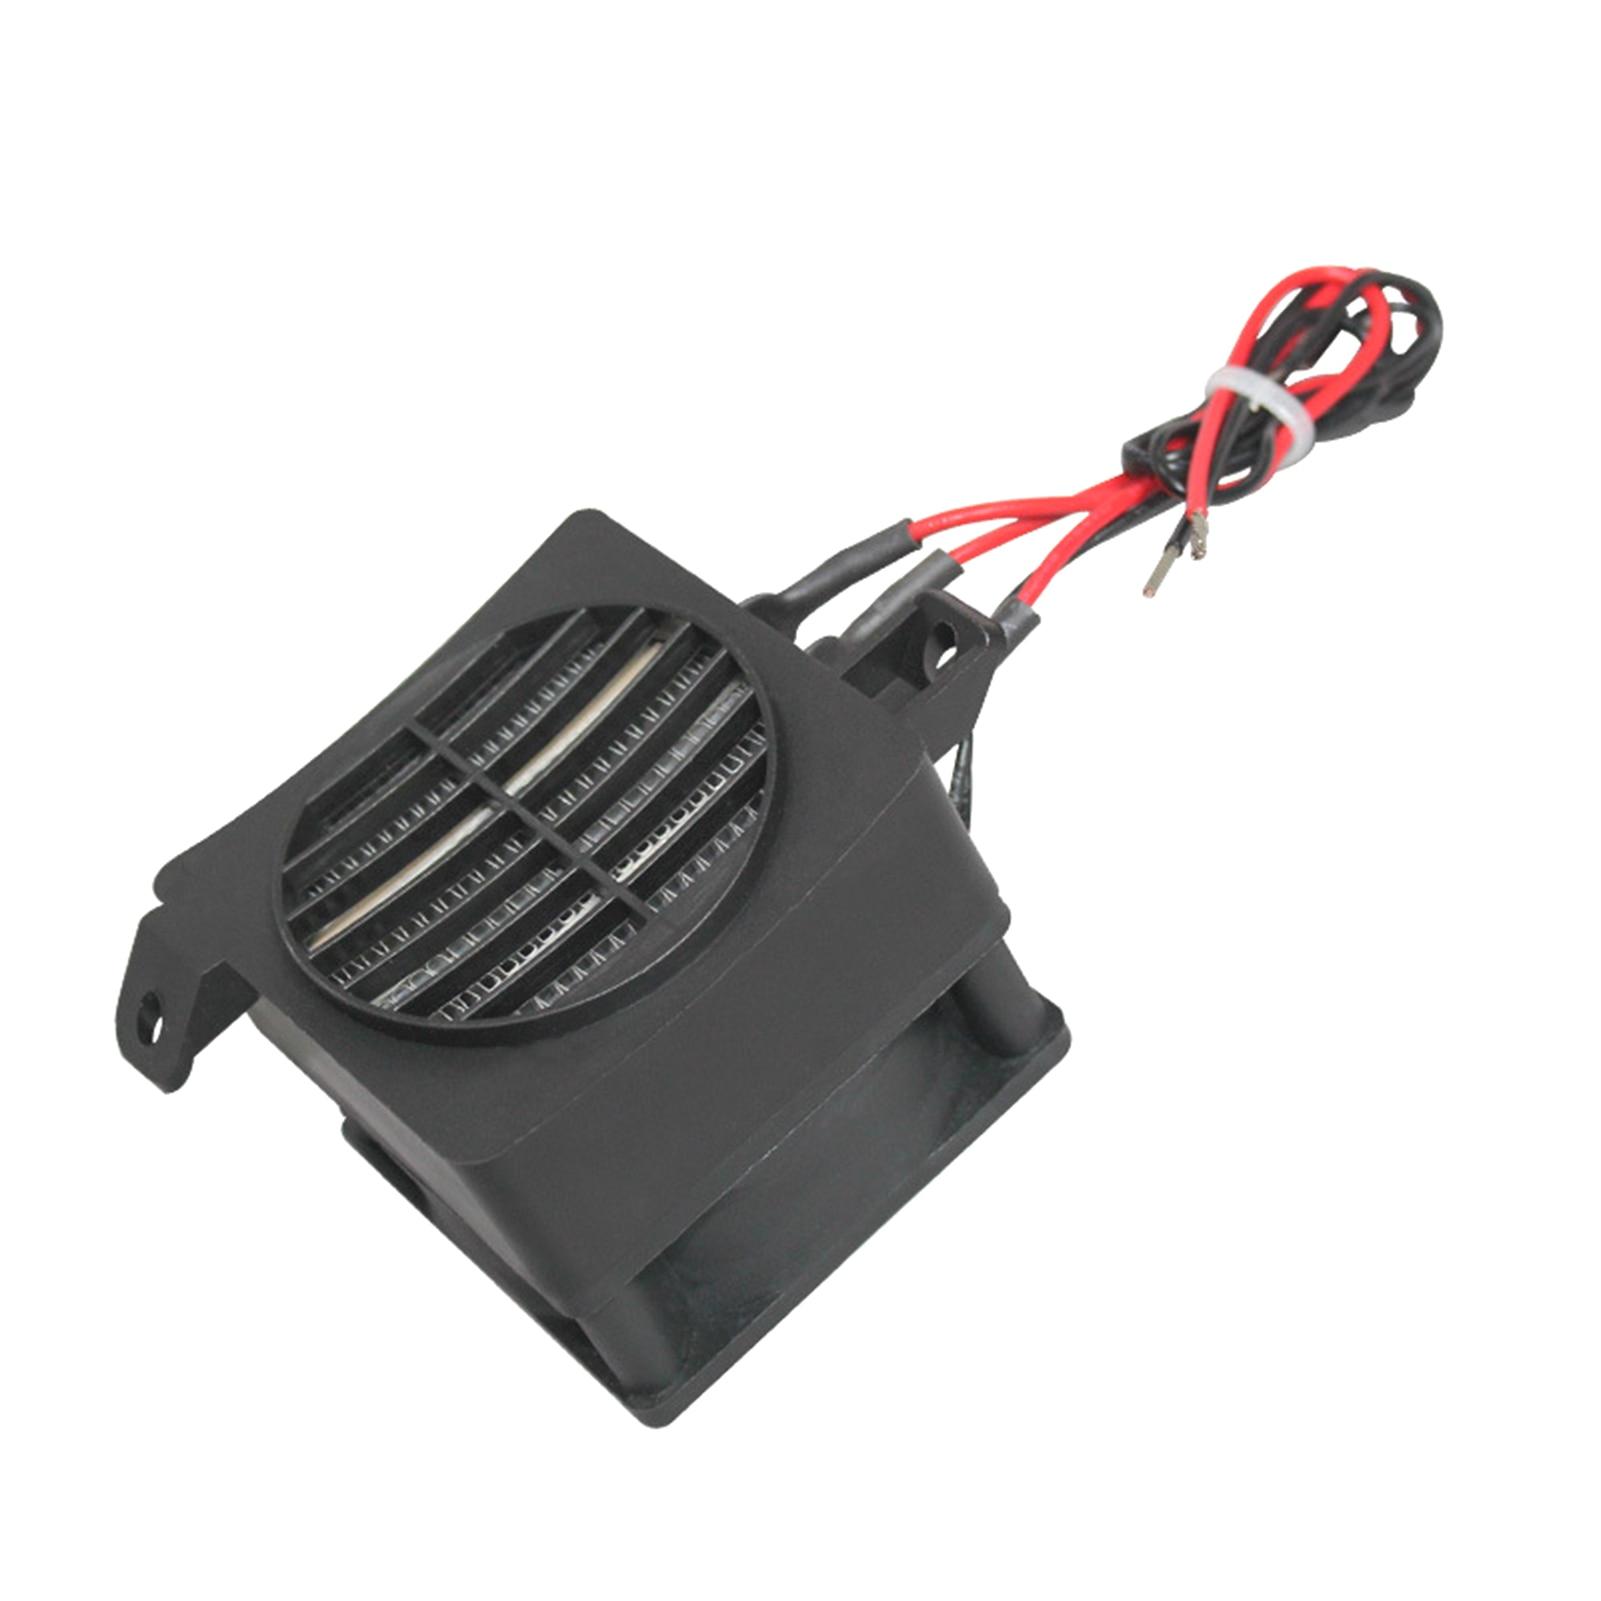 220 فولت 300 واط حاضنة H-آكل نوع موصل PTC السيراميك الهواء H-الآكل مع مروحة التدفئة الكهربائية أداة 90*60 مللي متر سخان